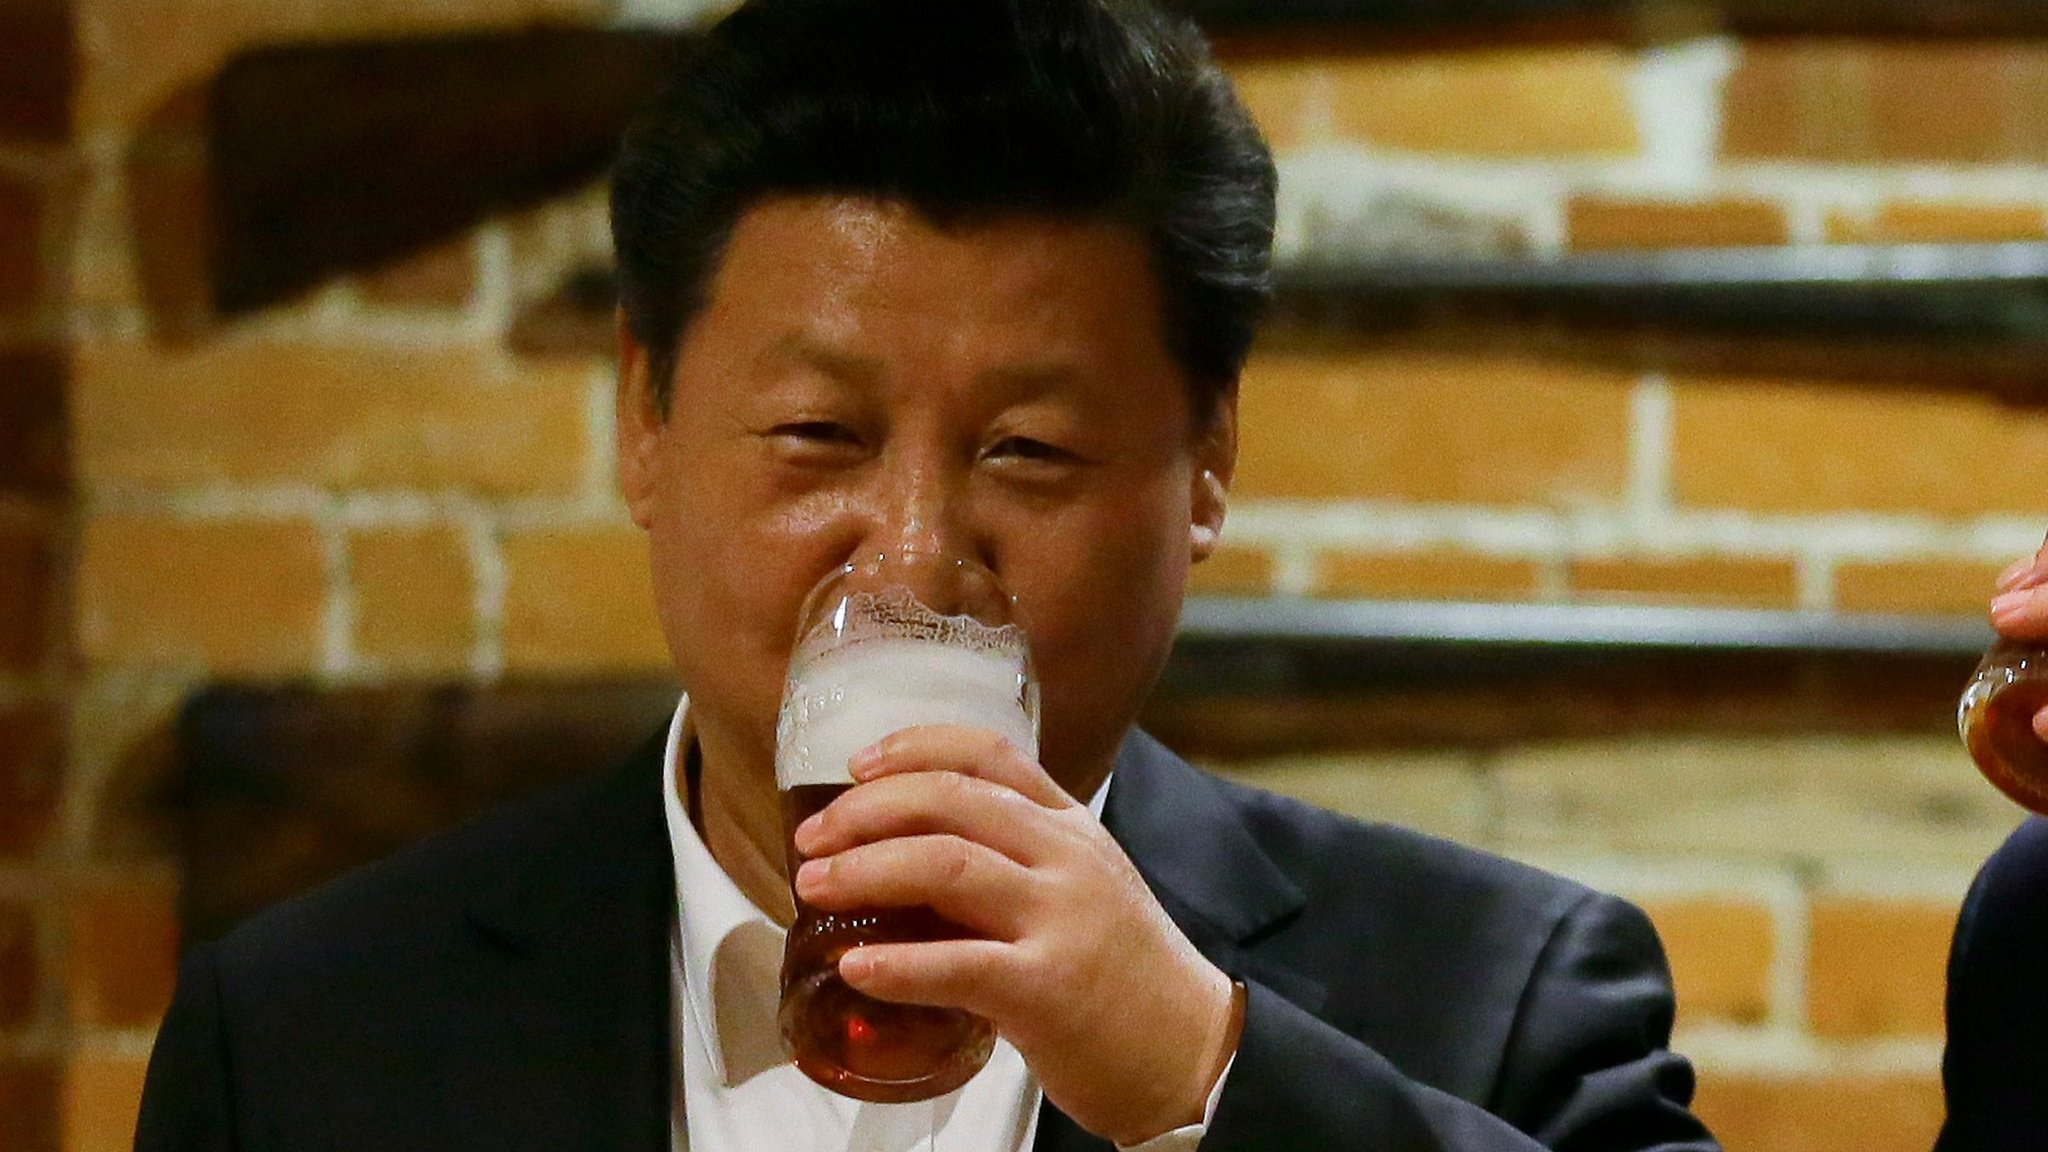 政治变化影响消费:习酒,云烟和小熊猫